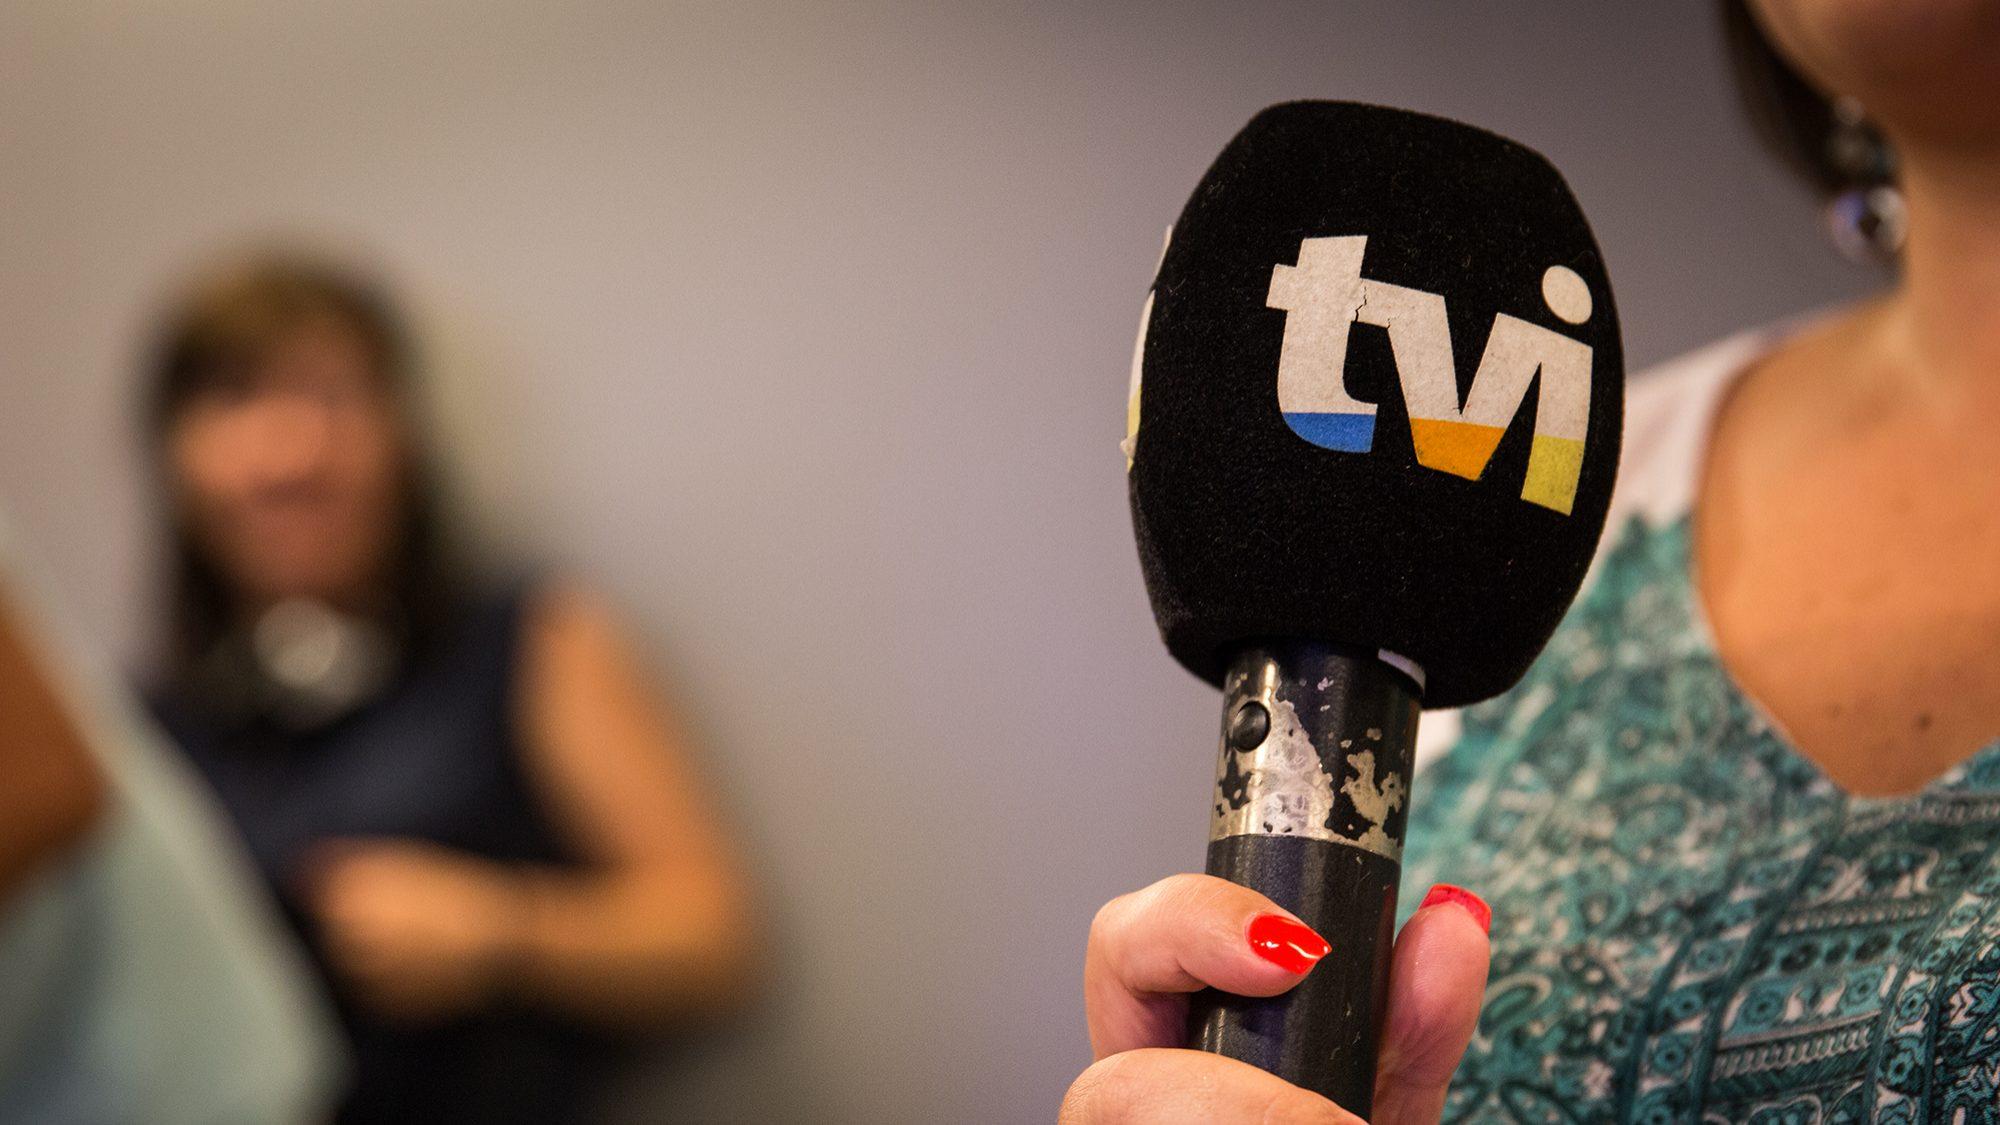 Lucros da Media Capital sobem 26% para 10,5 milhões de euros